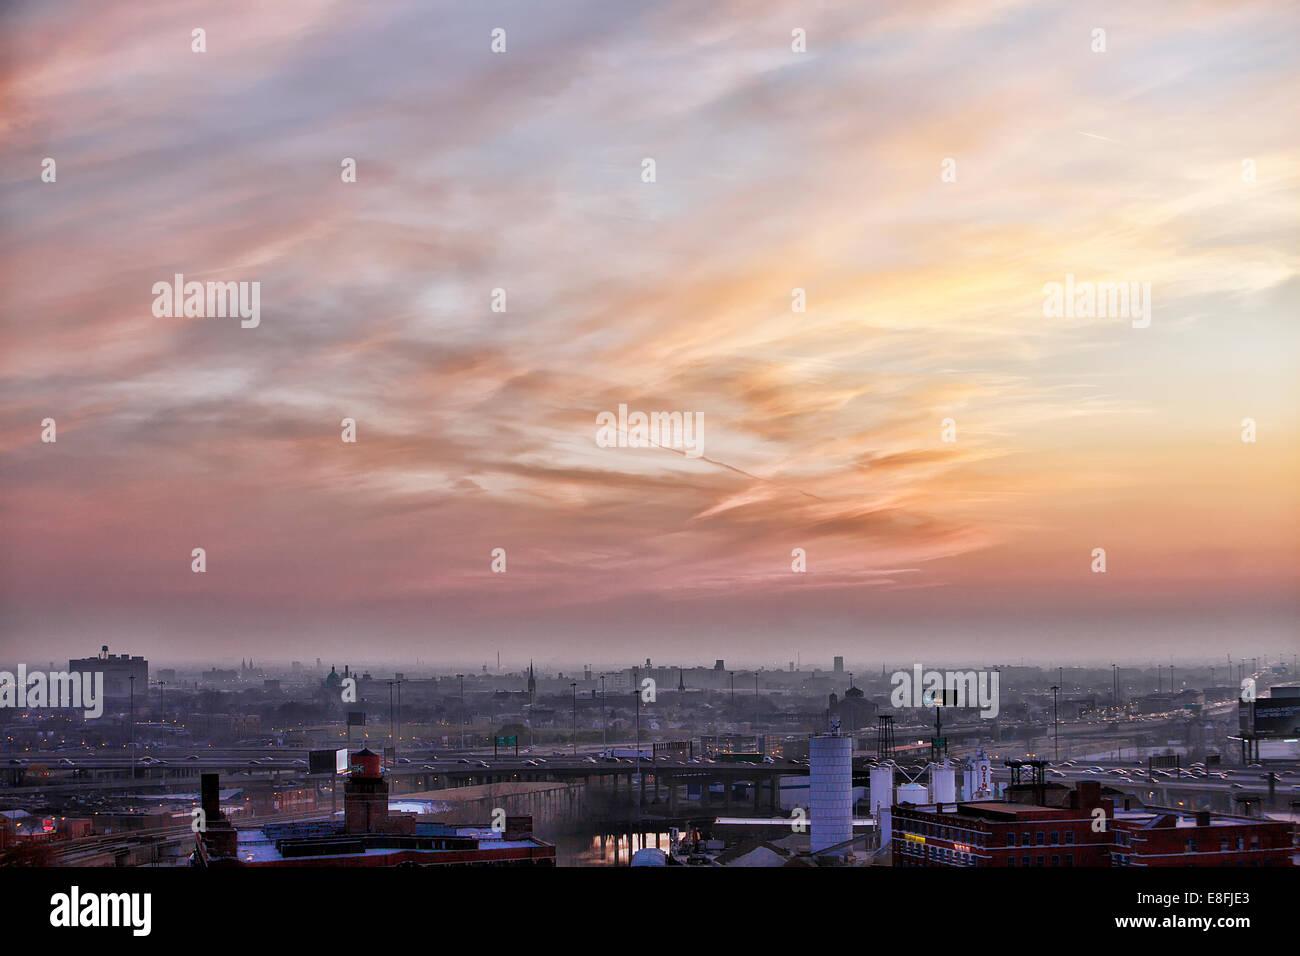 États-unis, Illinois, Chicago, vue sur la ville Photo Stock